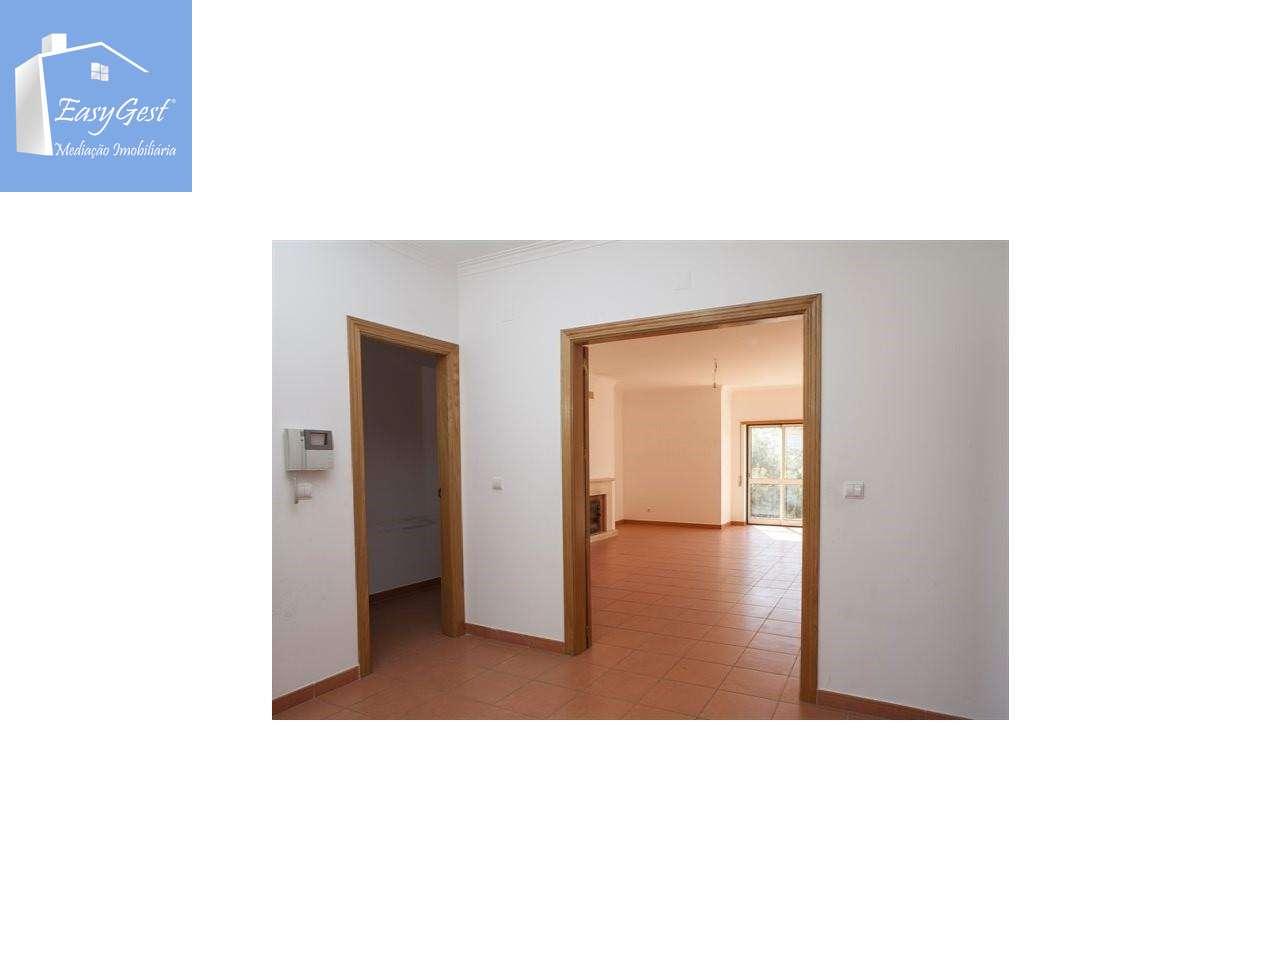 Apartamento para comprar, Quinta do Anjo, Setúbal - Foto 4